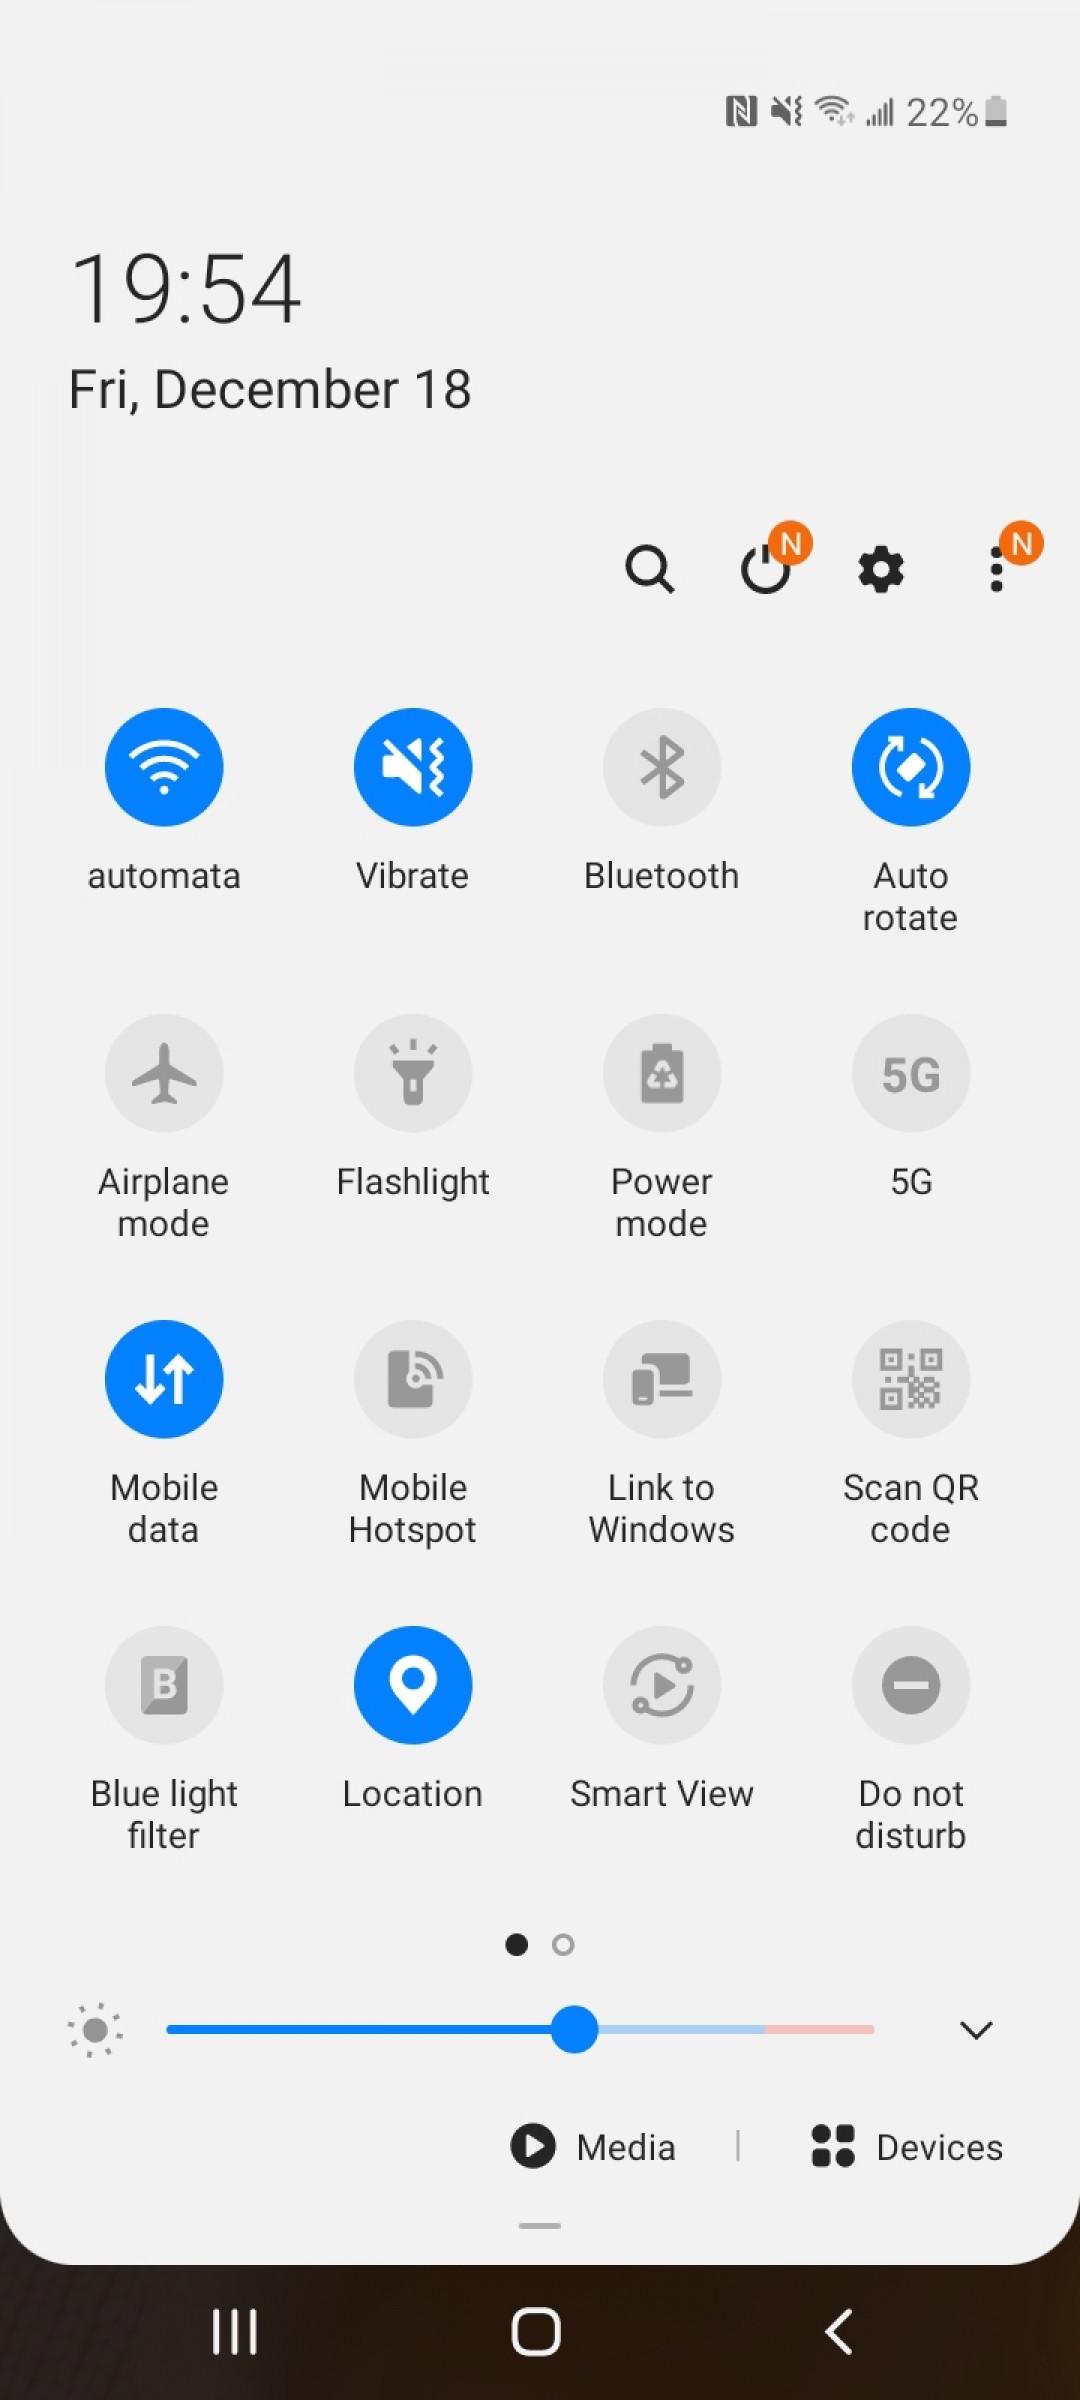 بررسی کامل و تخصصی گوشی گلکسی A42 سامسونگ: نقطه سیاه روی کاغذ